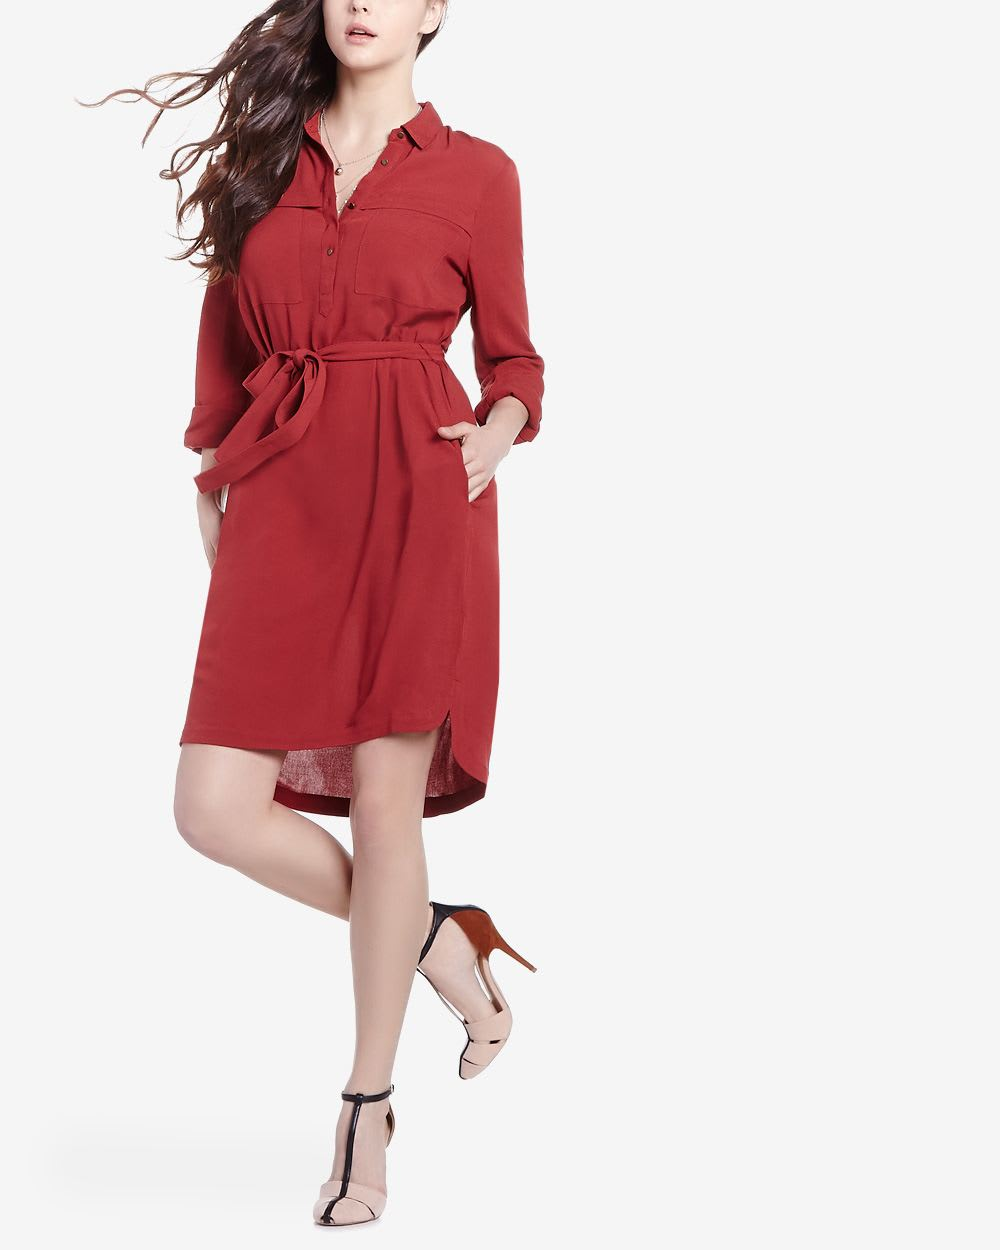 dfd87fd6abf Long Sleeve Shirt Dress